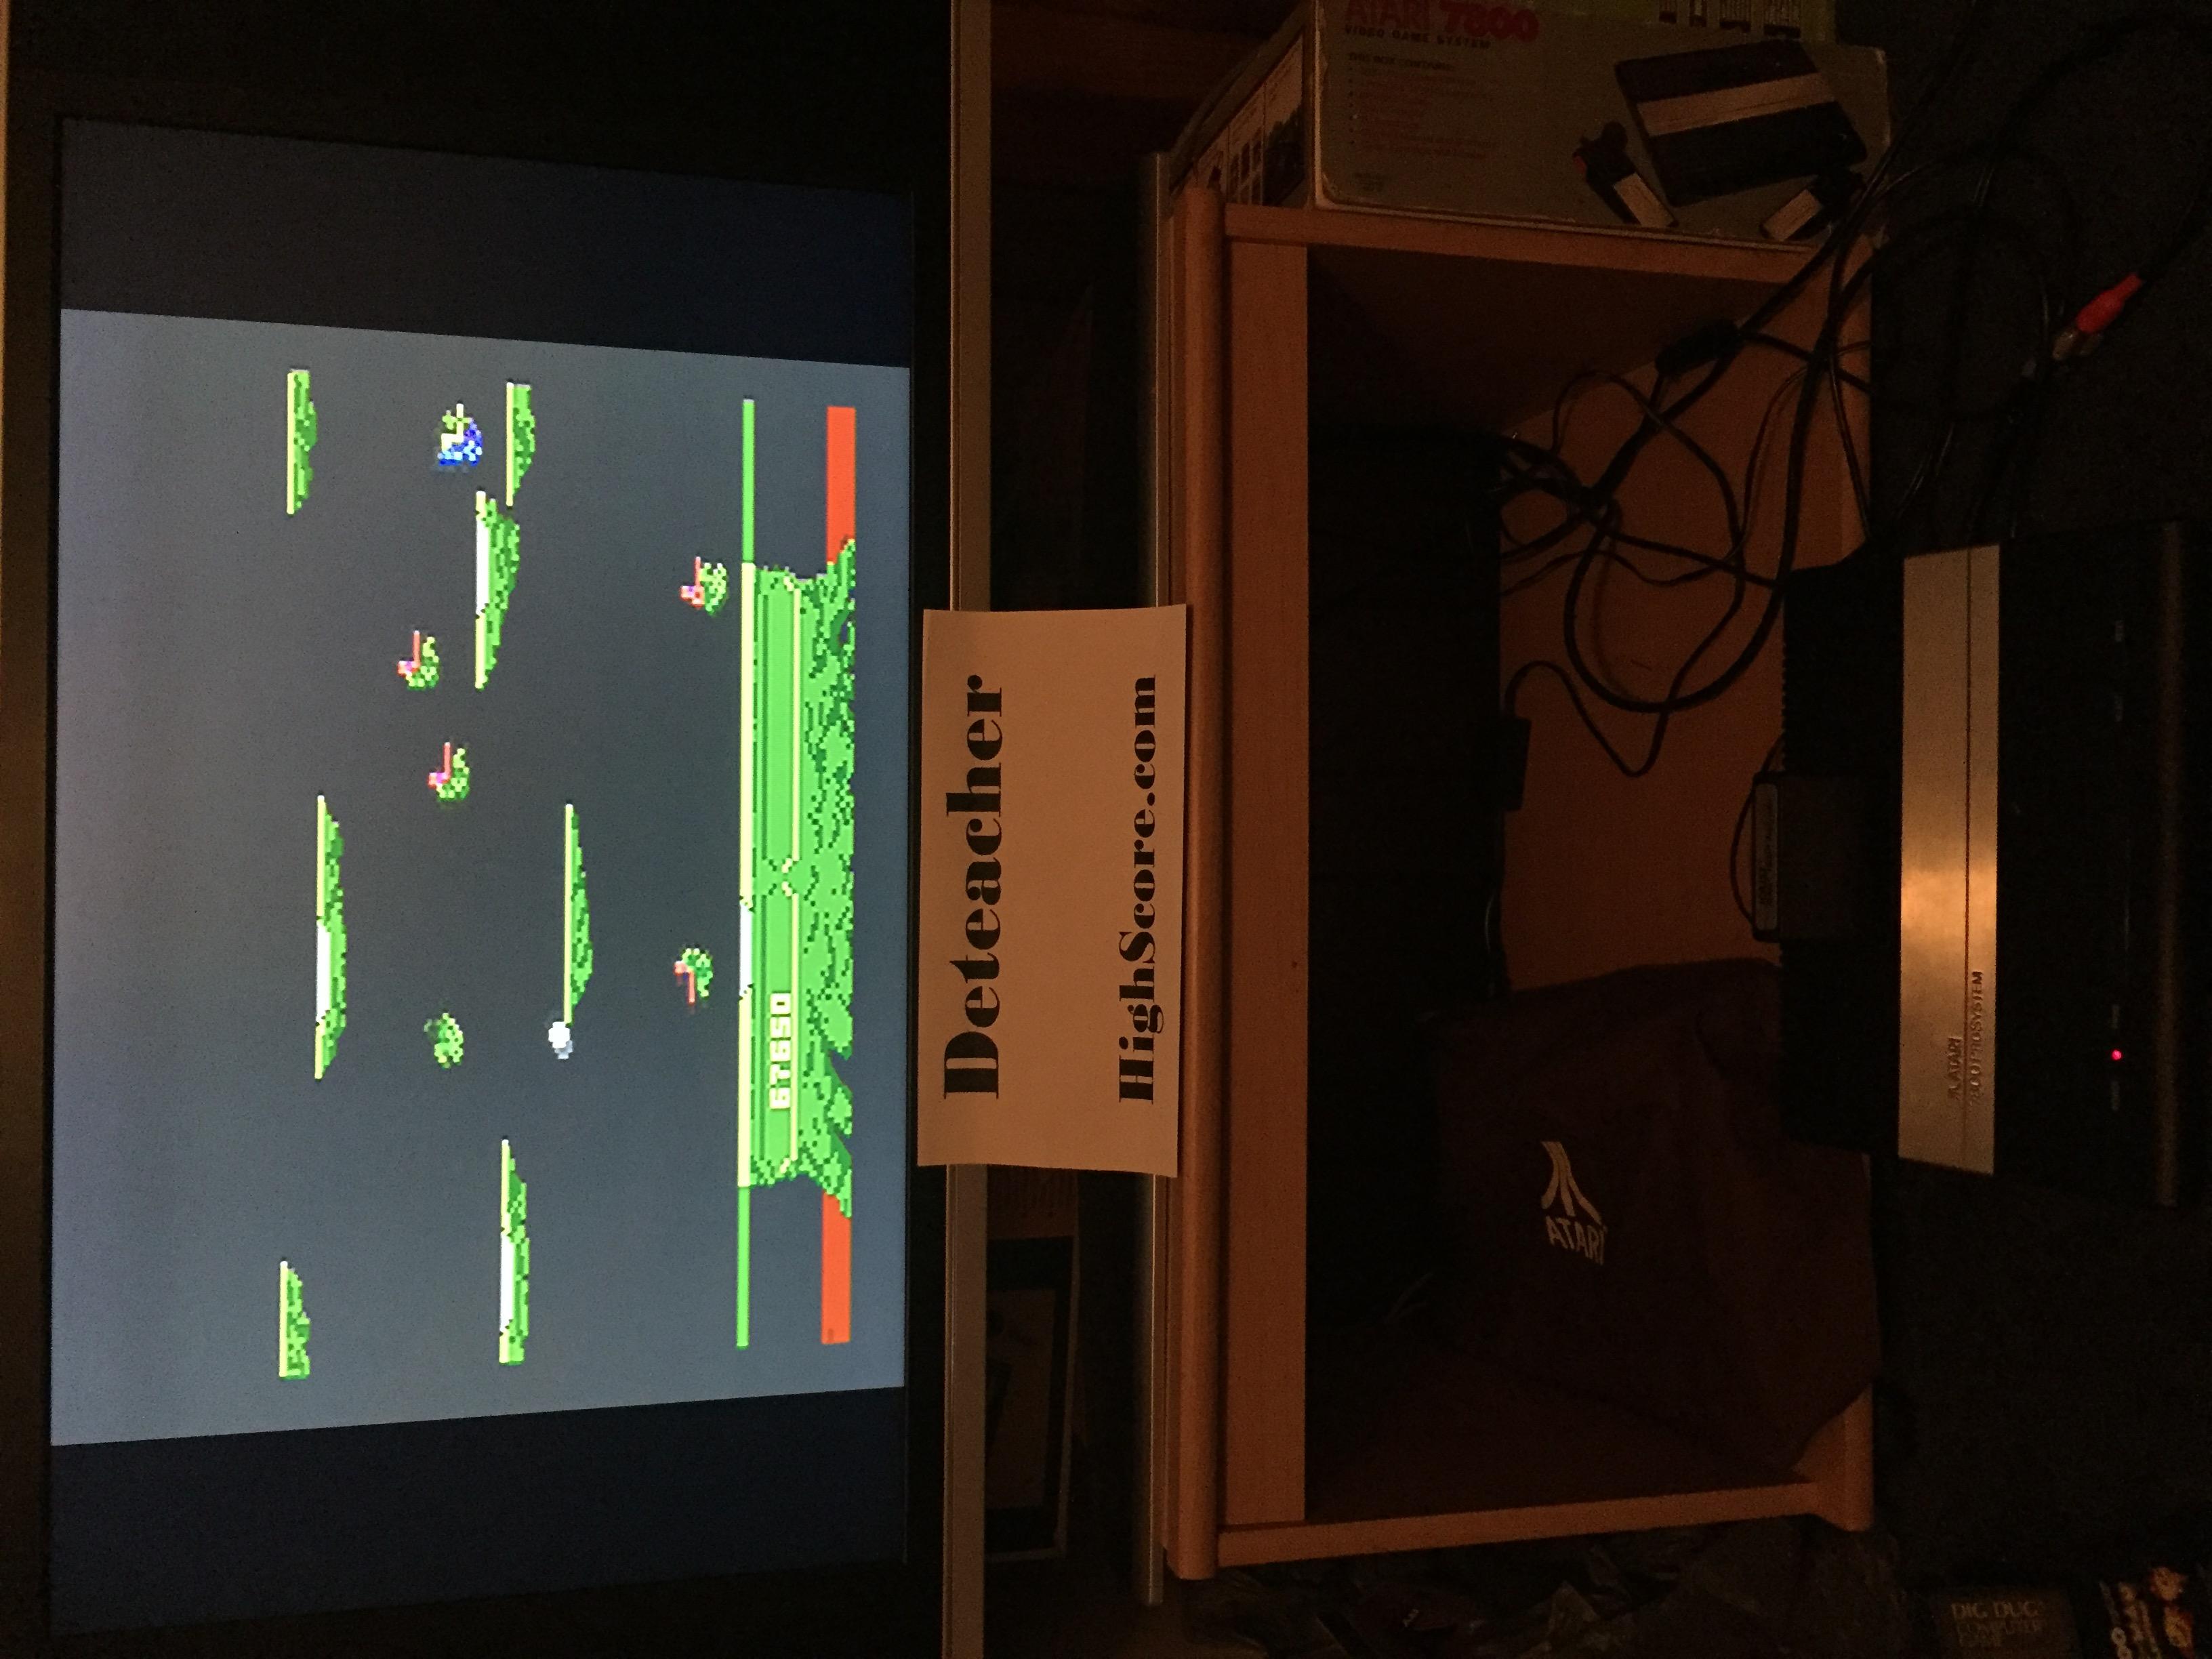 Deteacher: Joust: Advanced (Atari 7800) 67,650 points on 2016-03-04 18:49:13